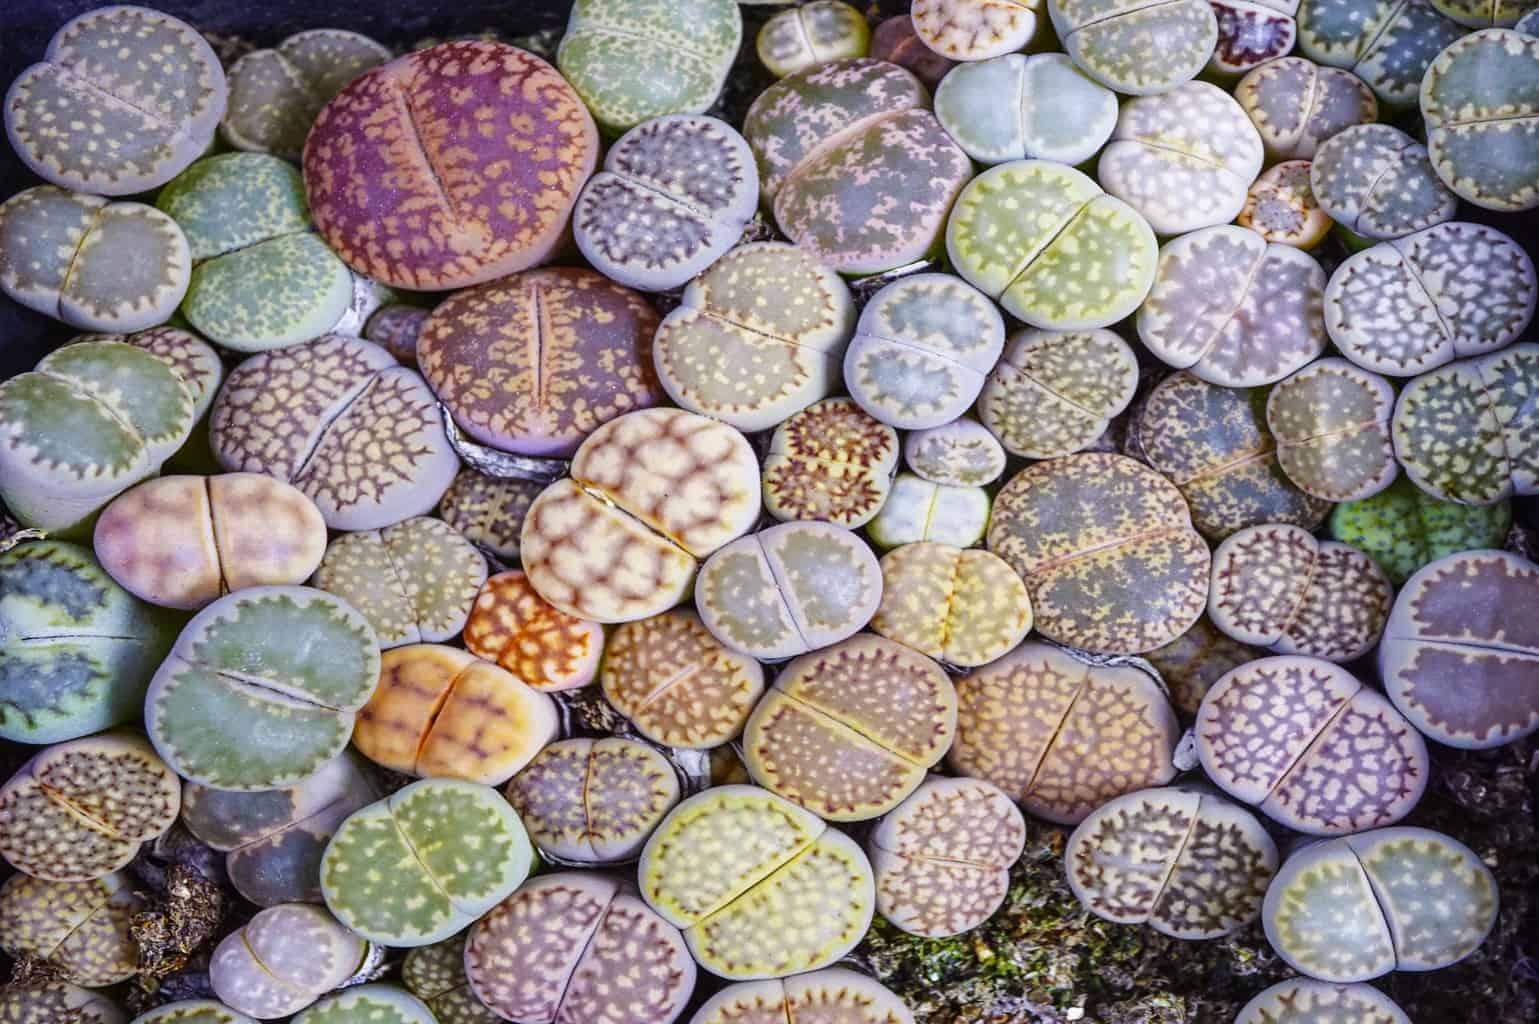 lithop plants oc succulents